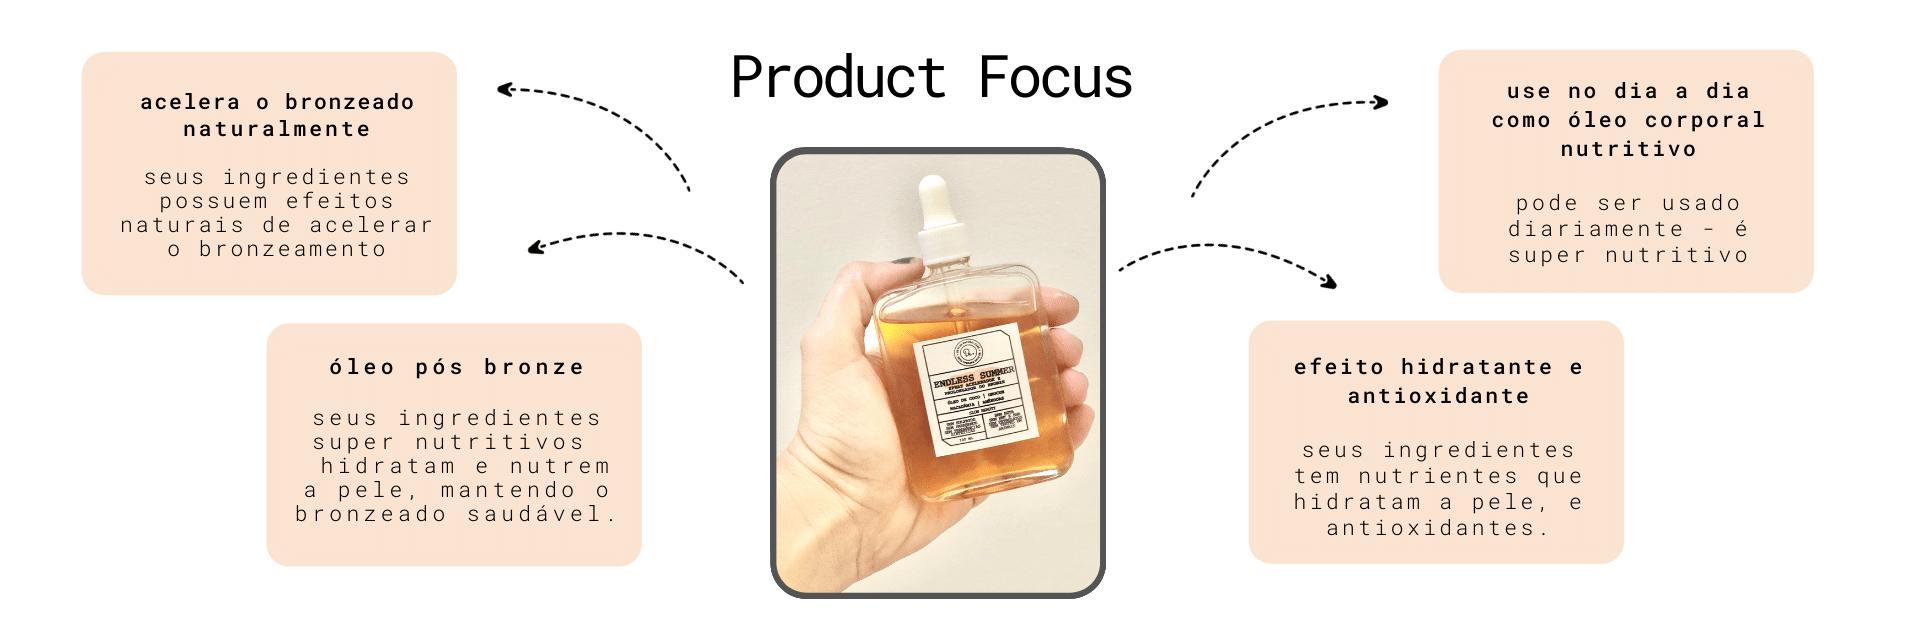 [Banner produto] acelerador bronze